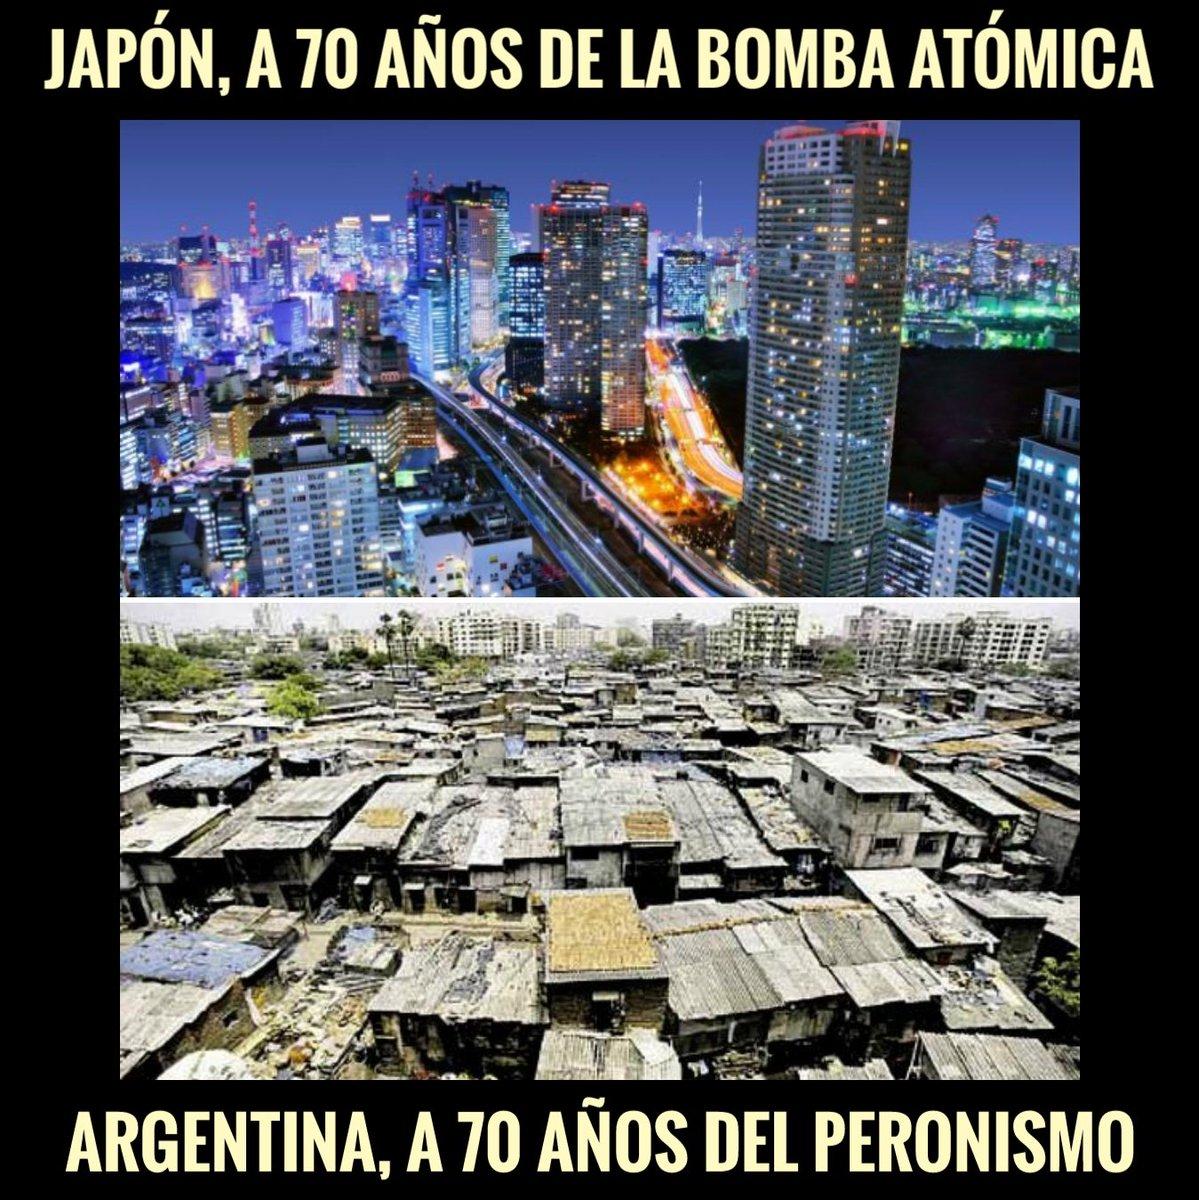 Resultado de imagen para BOMBA ATOMICA ARGENTINA